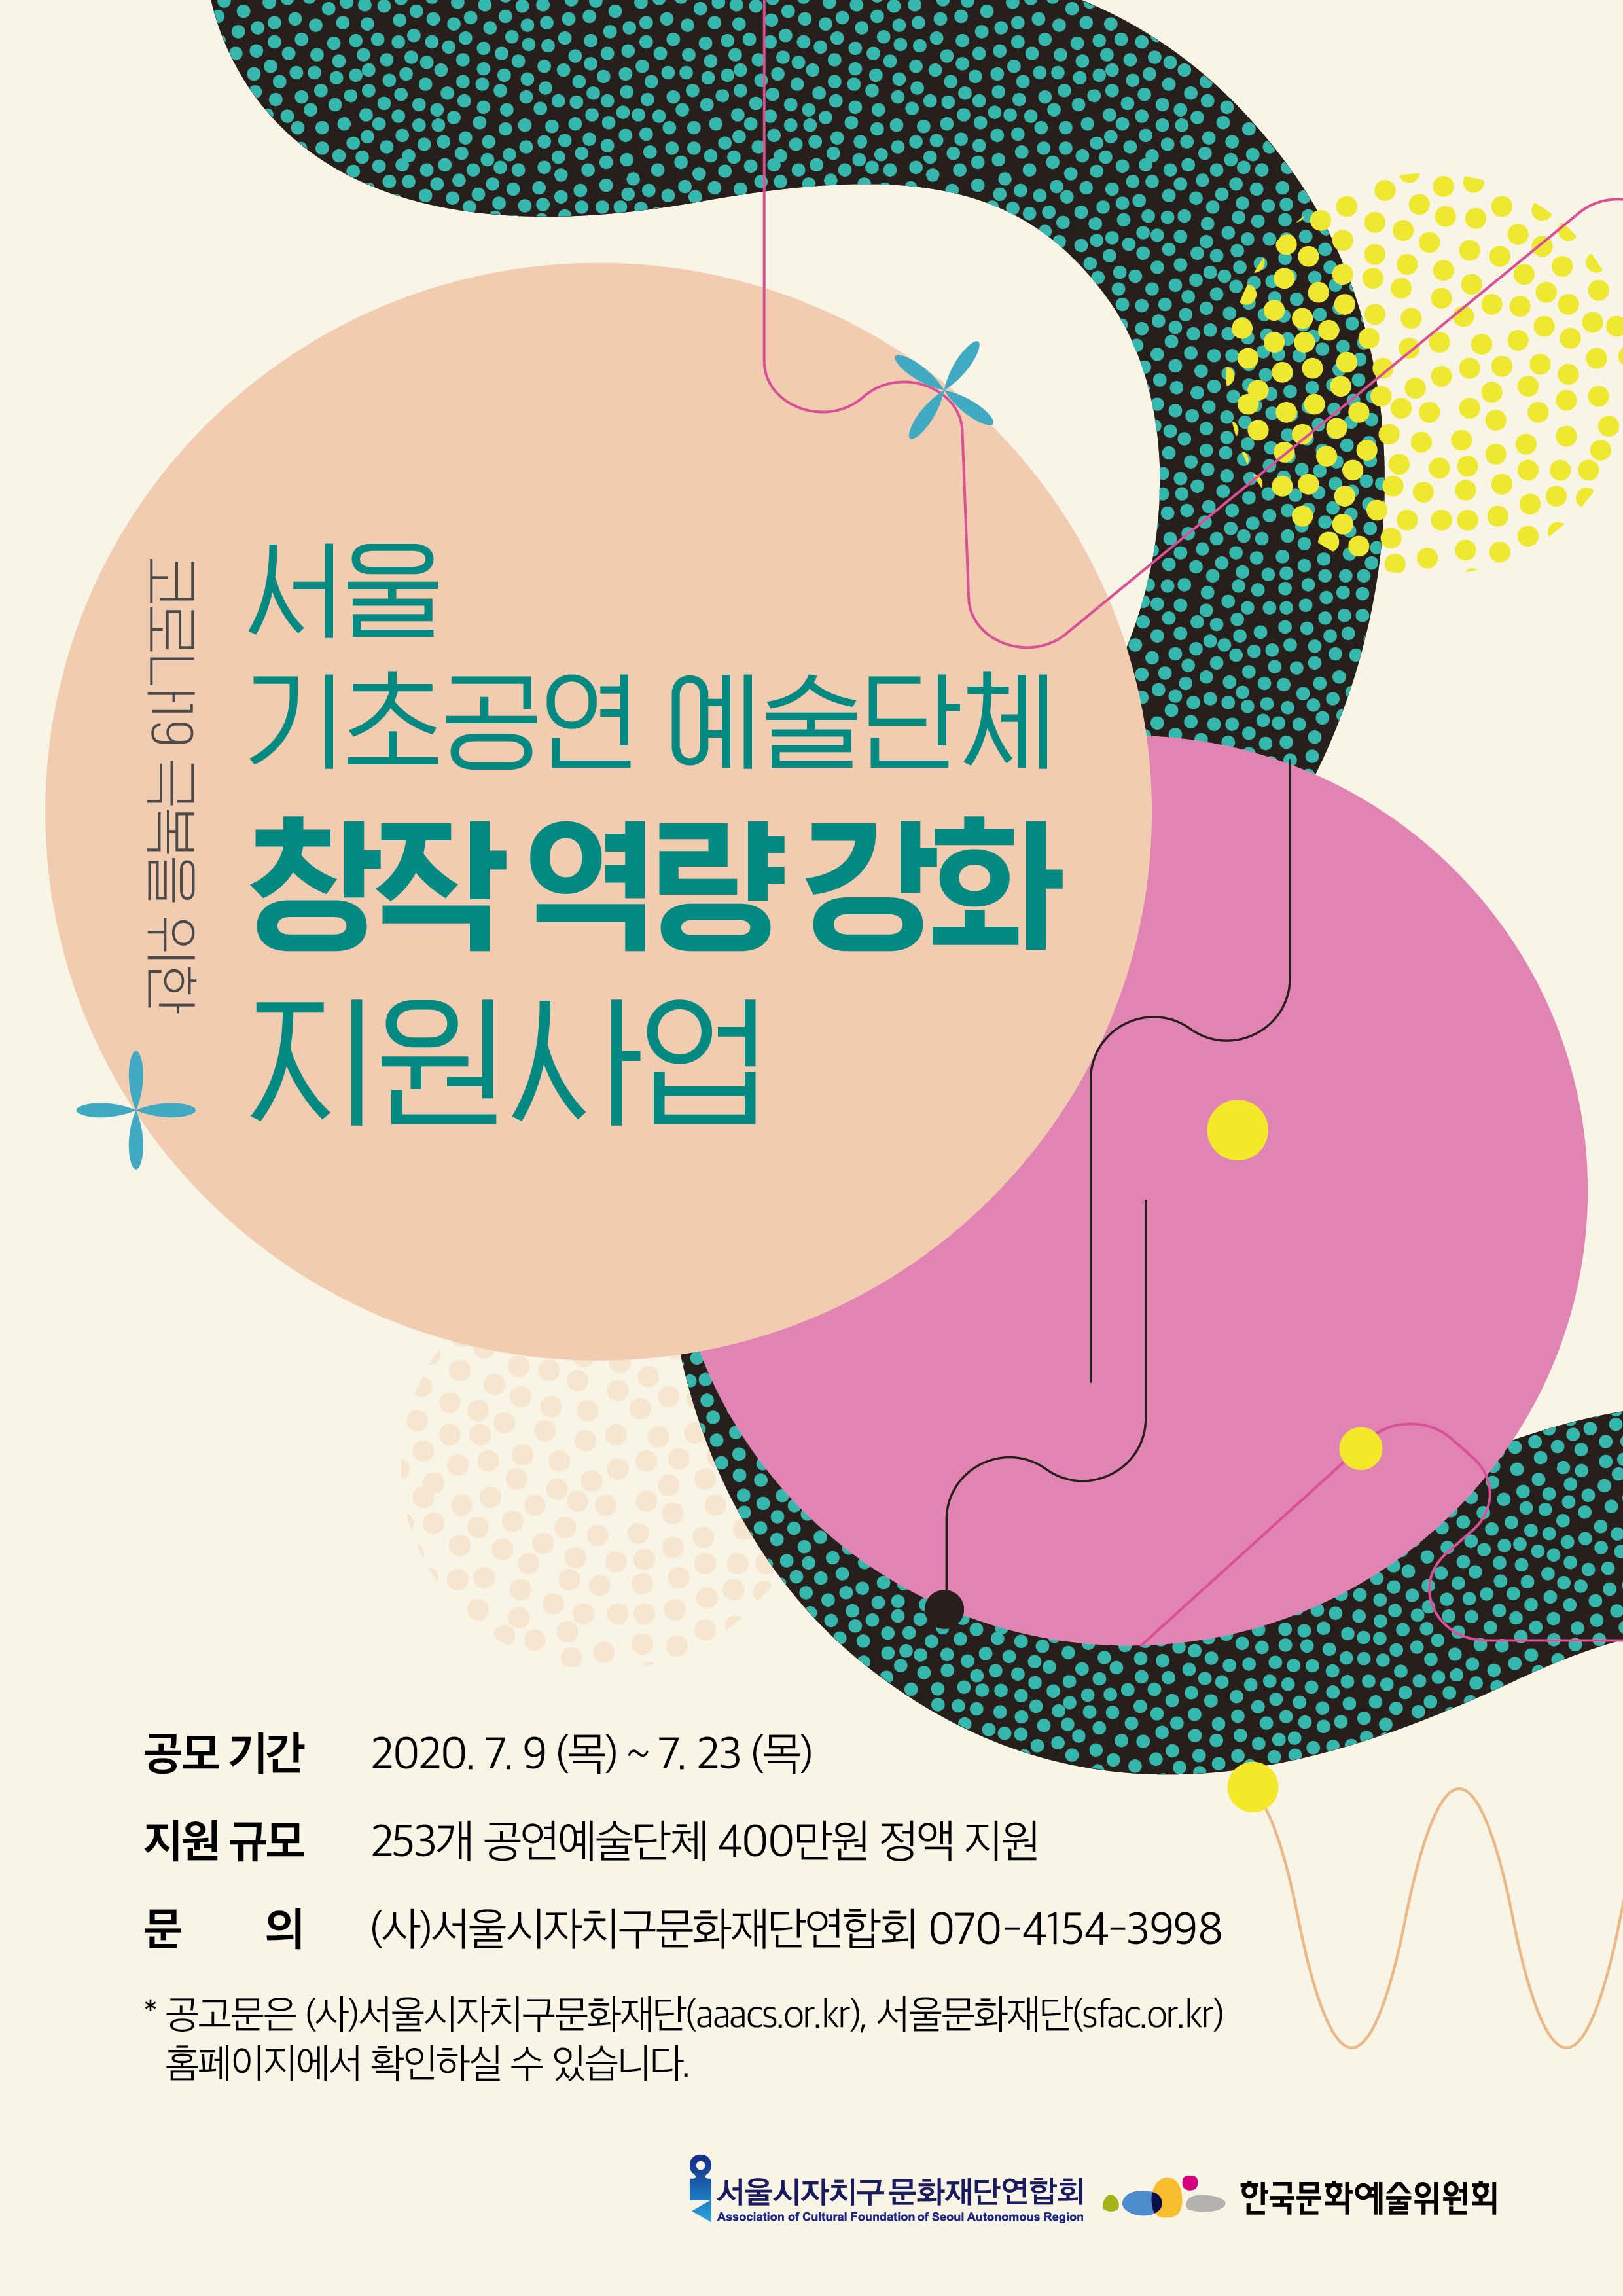 코로나19 극복을 위한 서울 기초공연예술단체 창작역량 강화 지원사업 메인 이미지